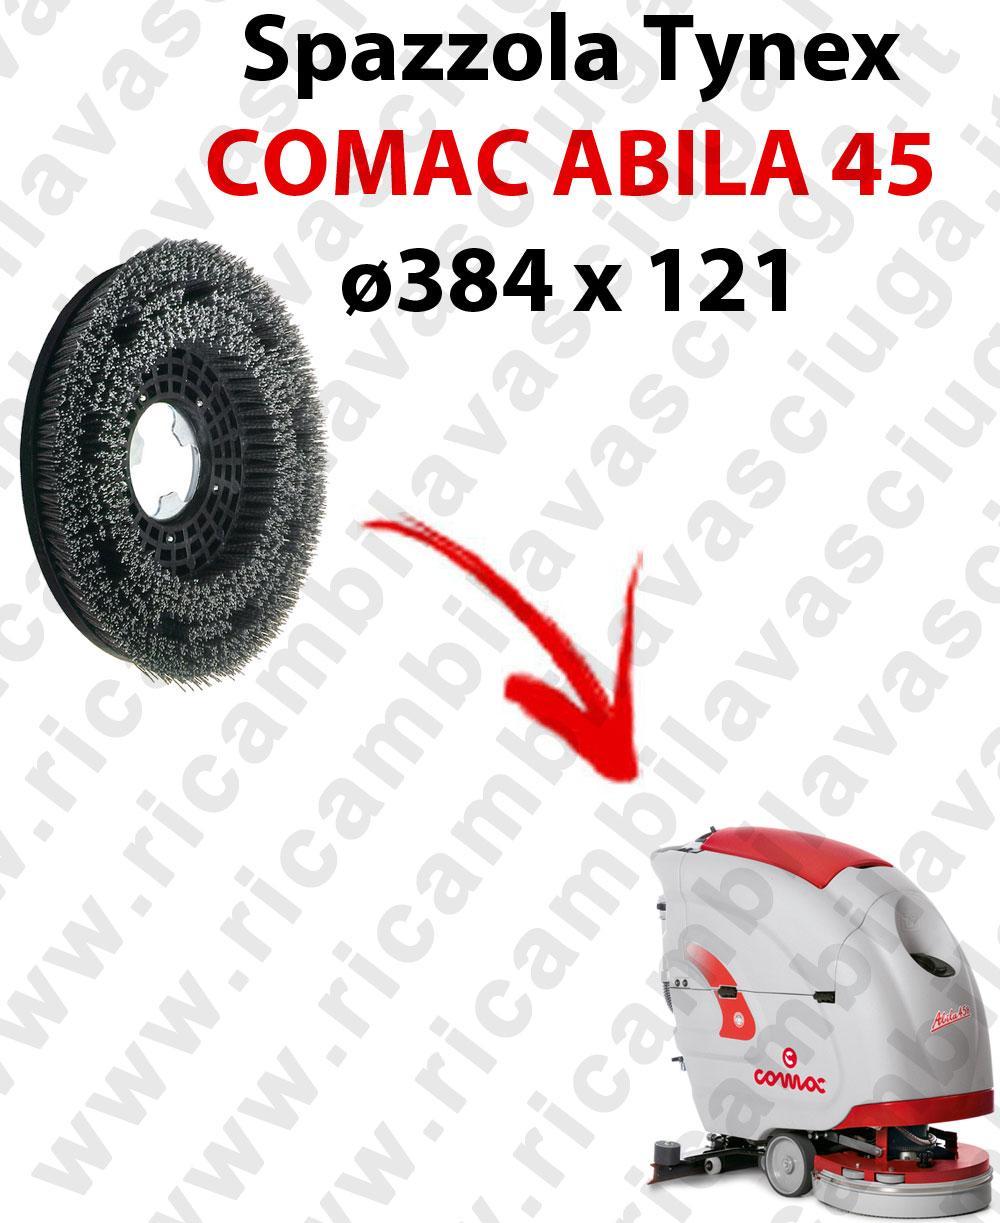 Cepillo TYNEX  para fregadora COMAC ABILA 45. modelo: tynex  ø 384 X 121